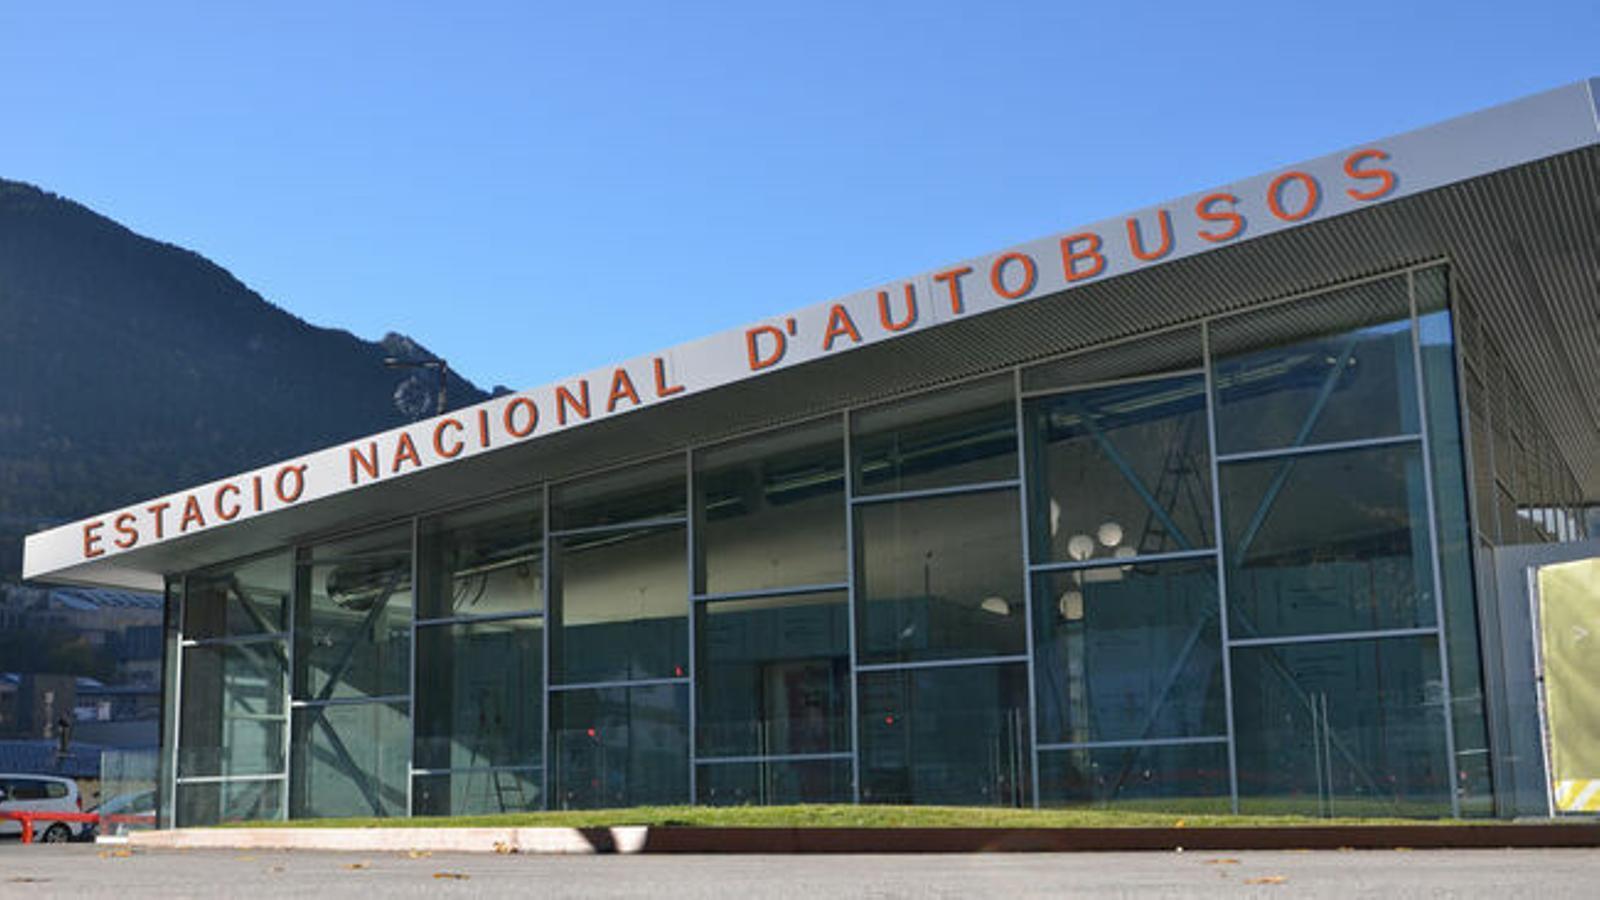 L'estació Nacional d'Autobusos. / ANA